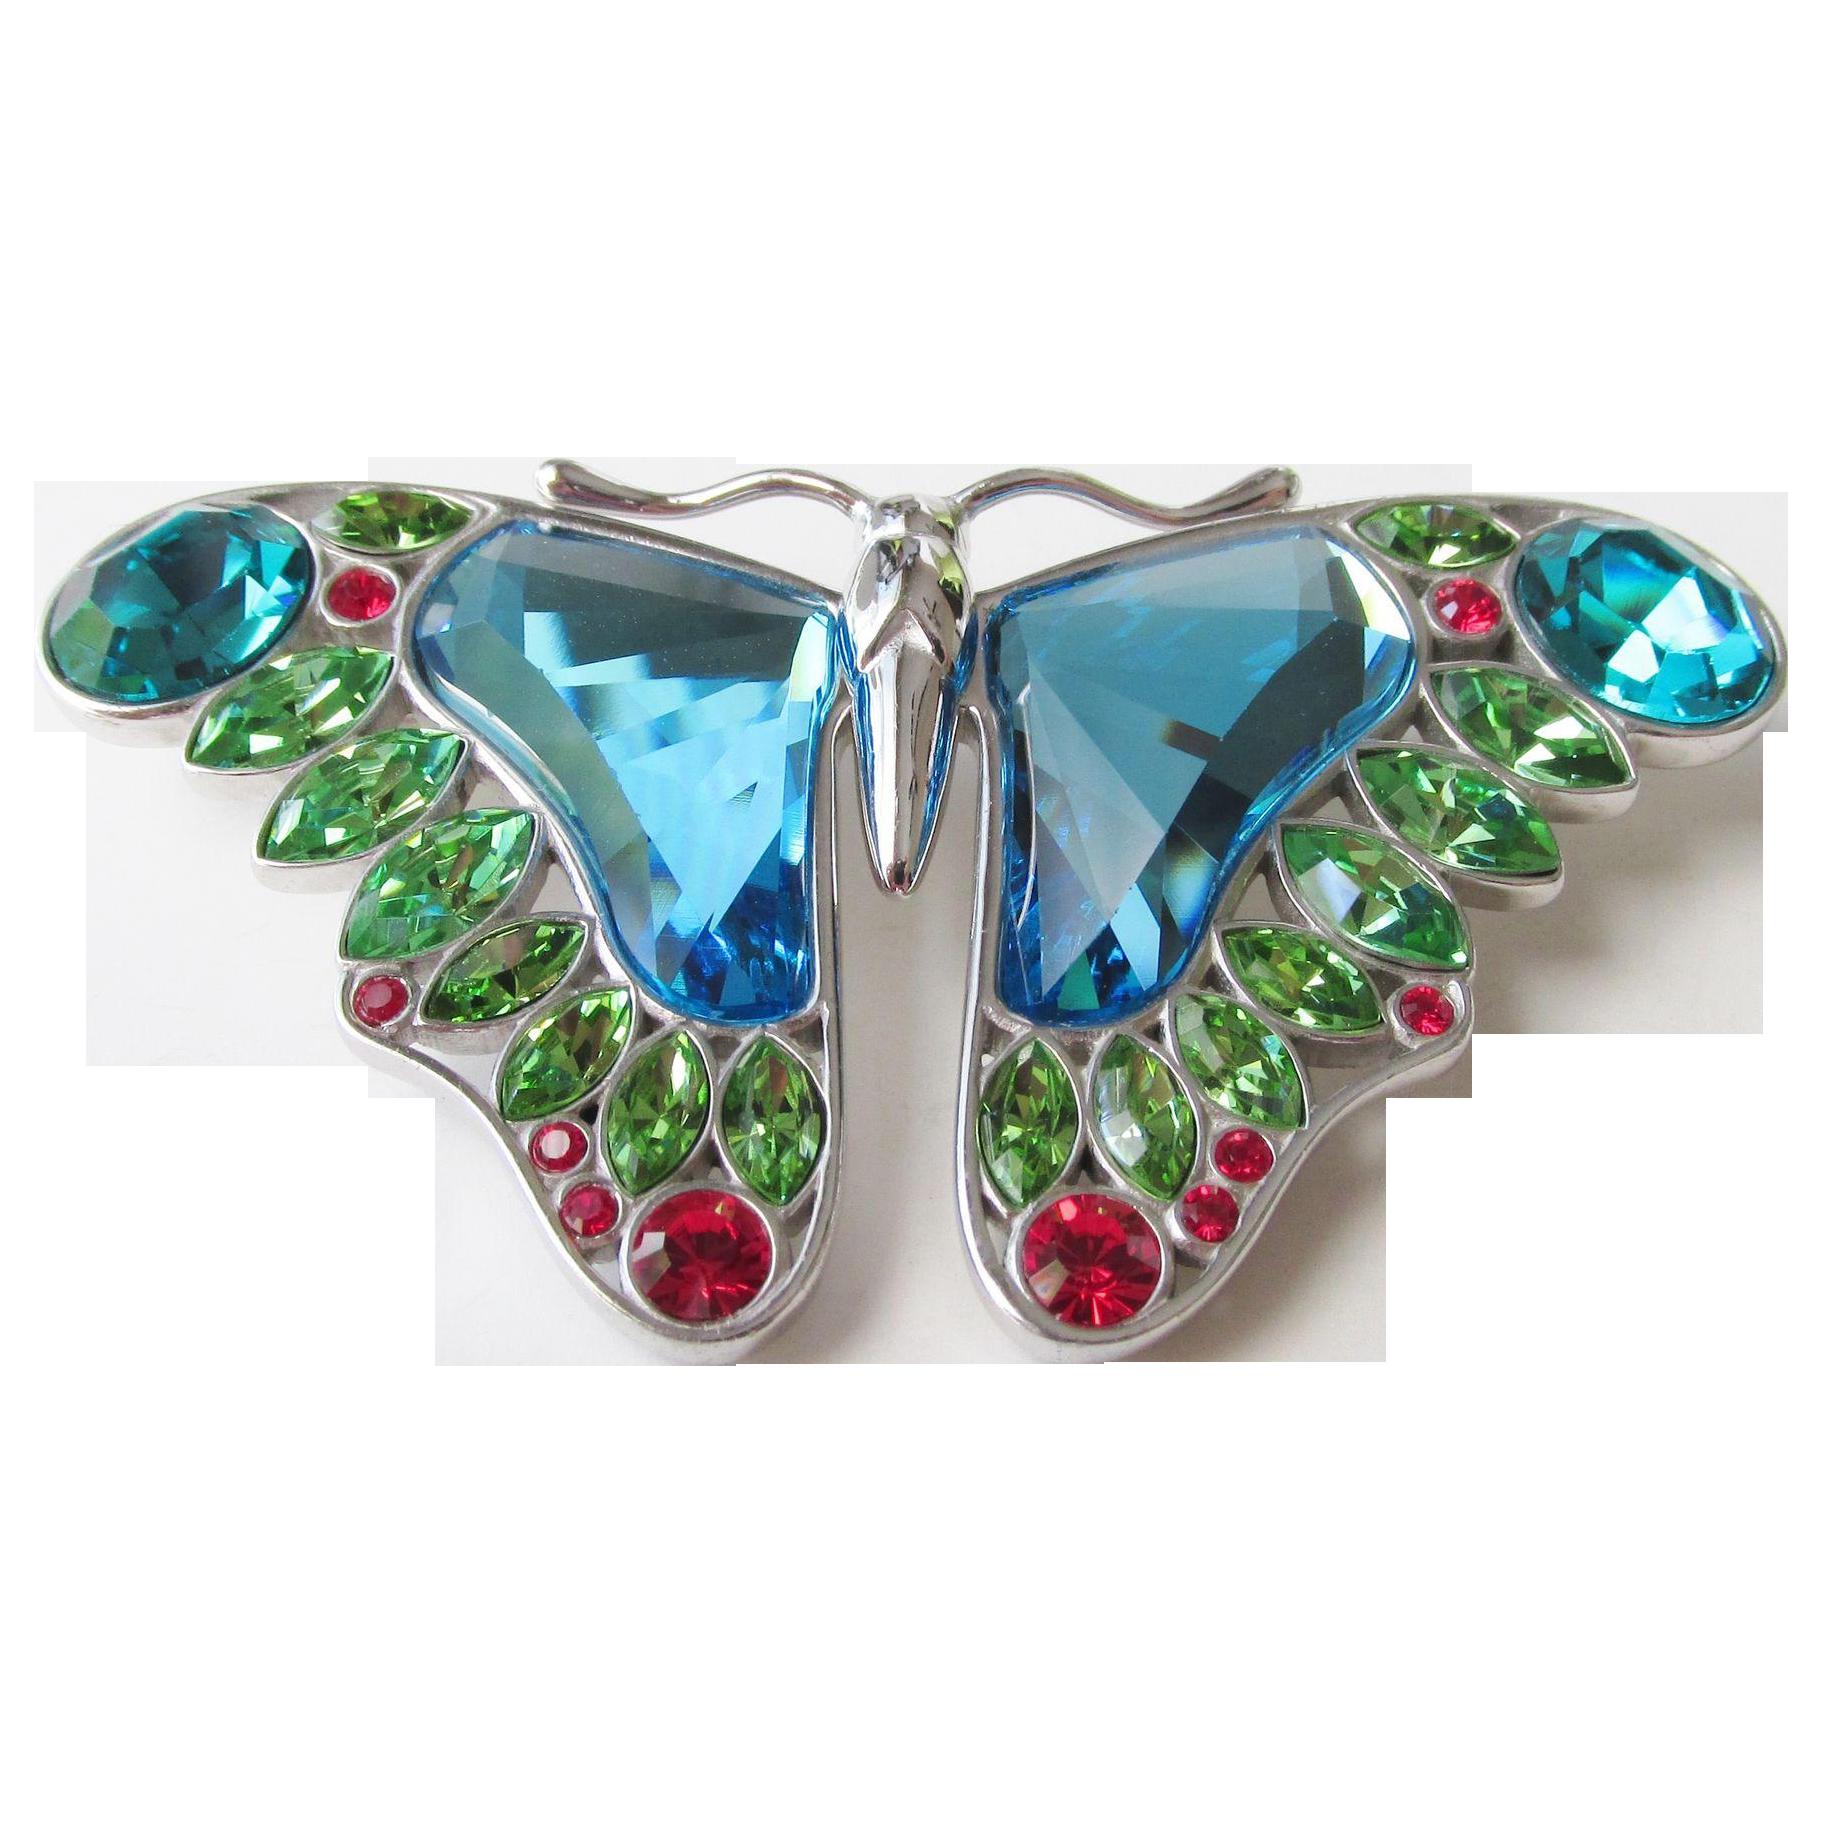 Swarovski Sterling Crystal Large Signed Butterfly Brooch Retired Vintage